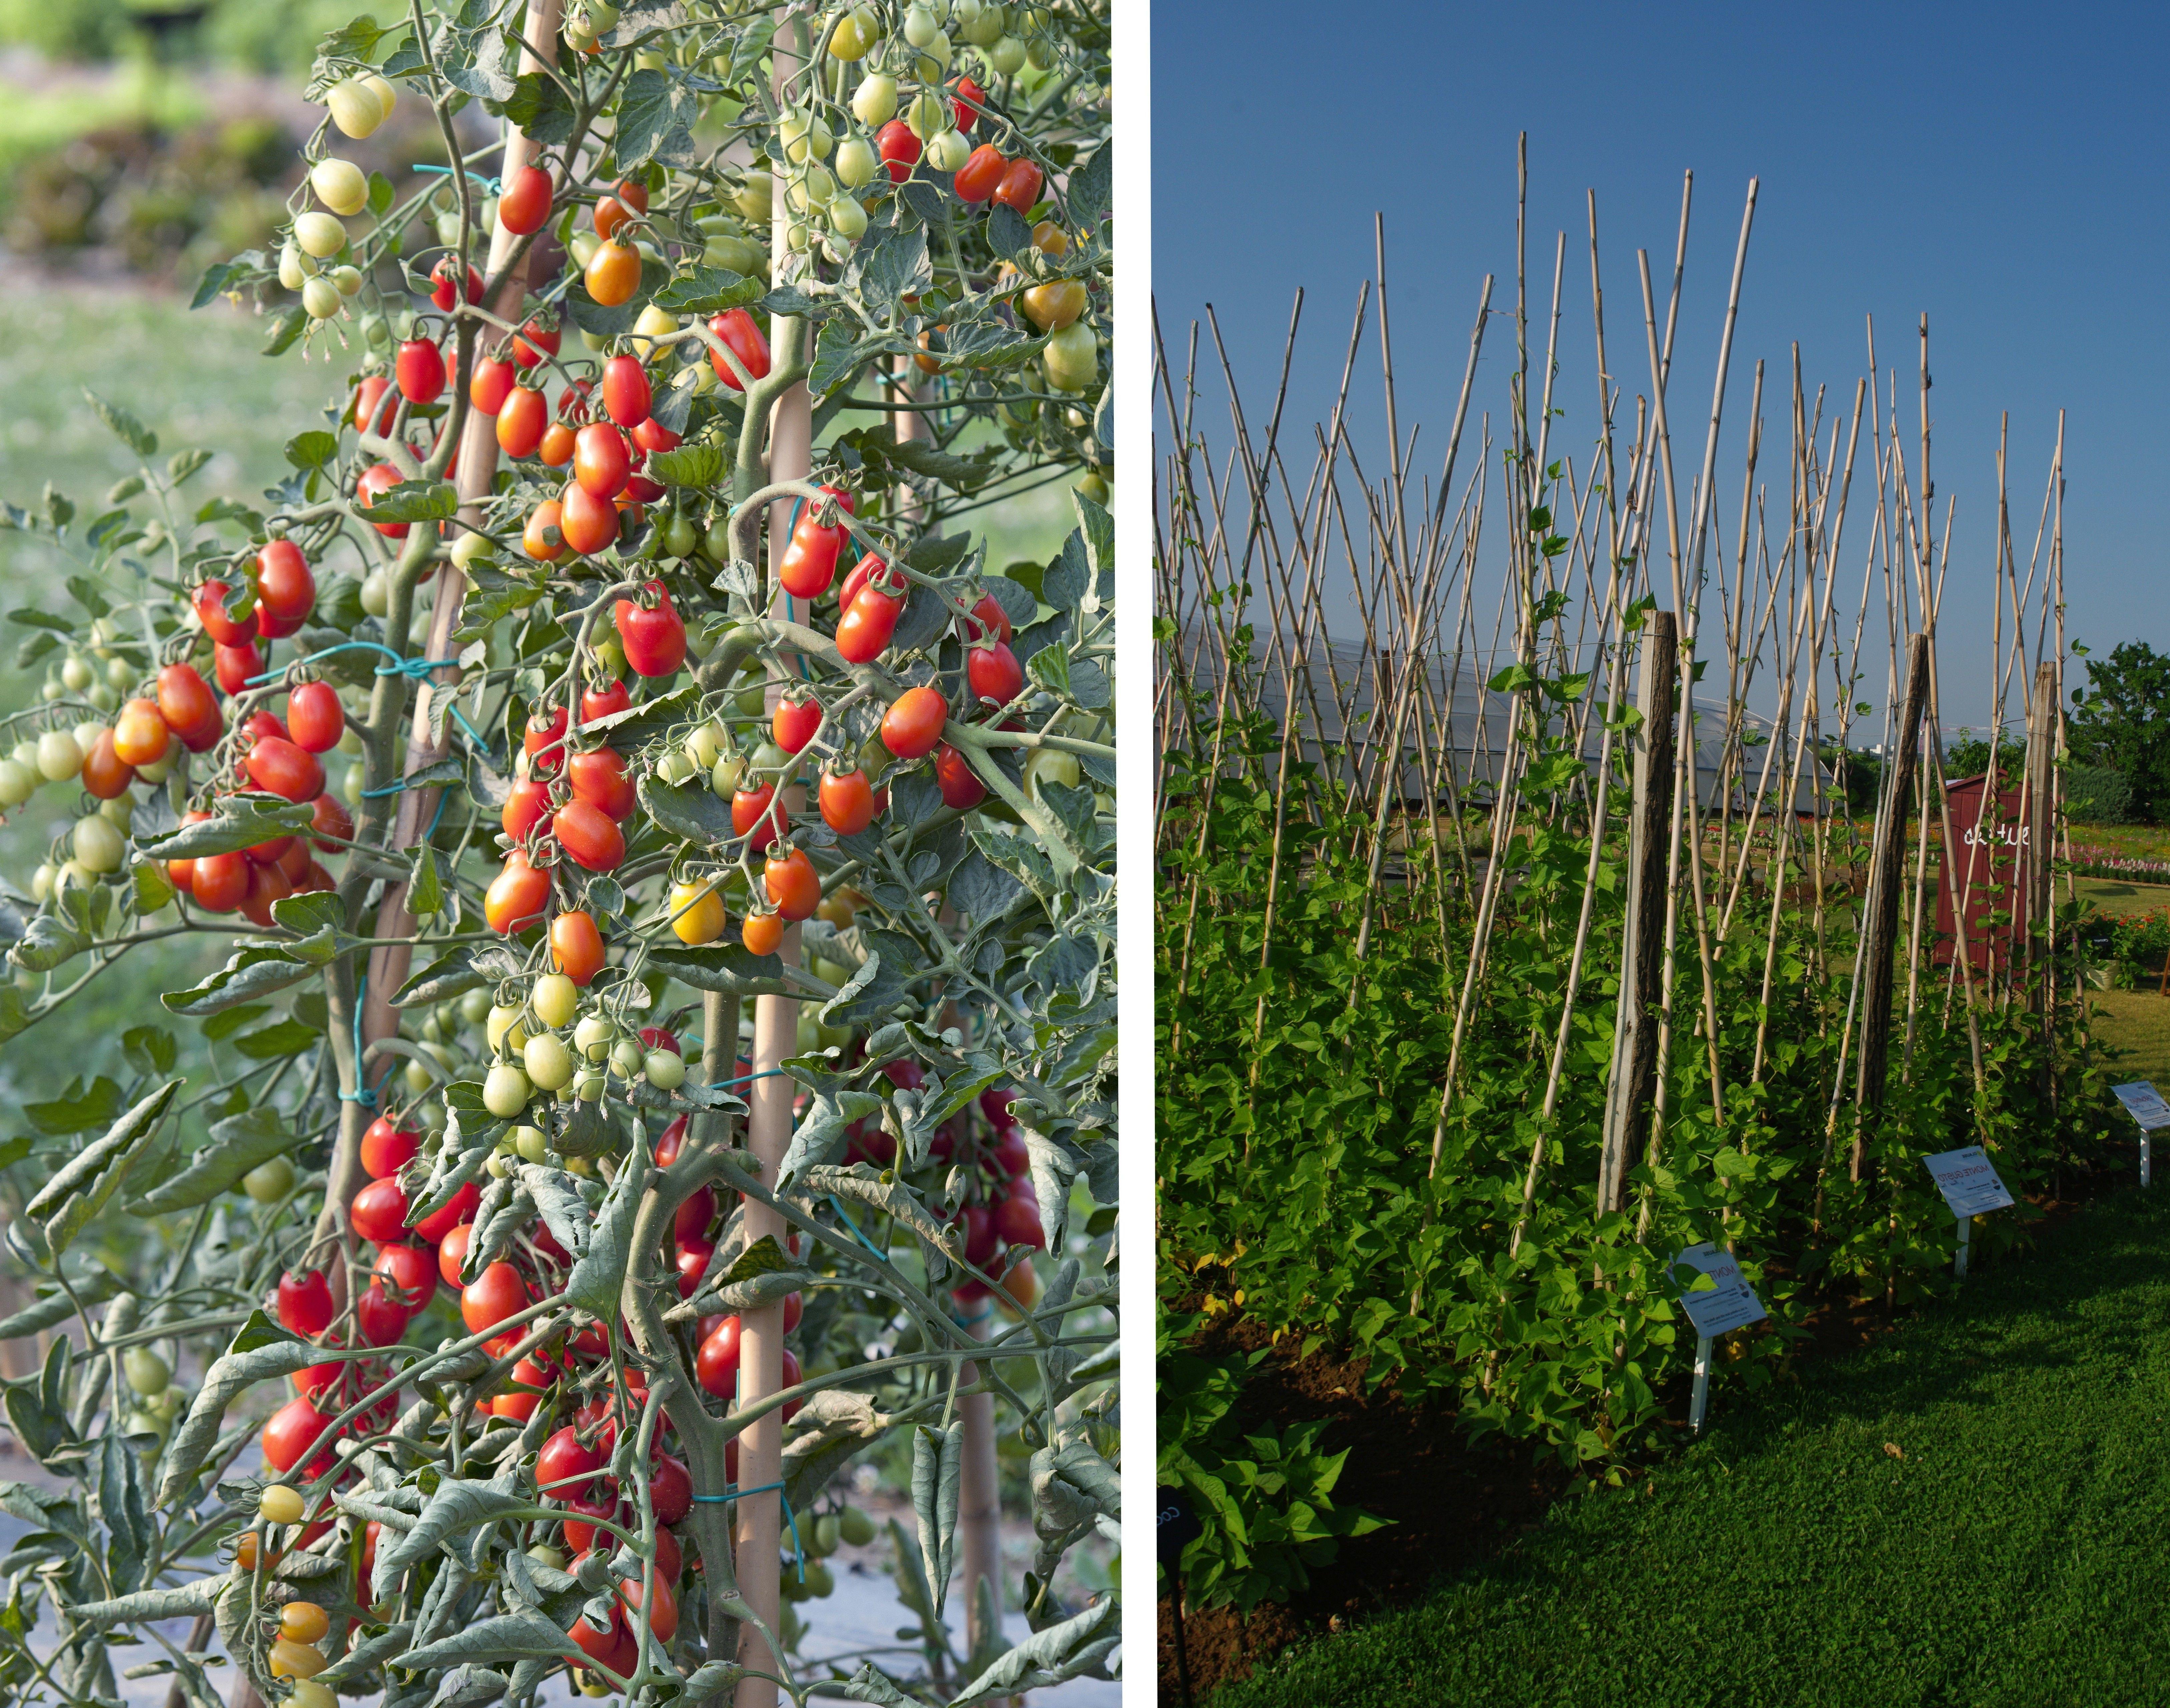 Jardin Secret Cannes Meilleur De Galerie Les Italiens Utilisent Des Cannes Pour Faire Grimper Les tomates